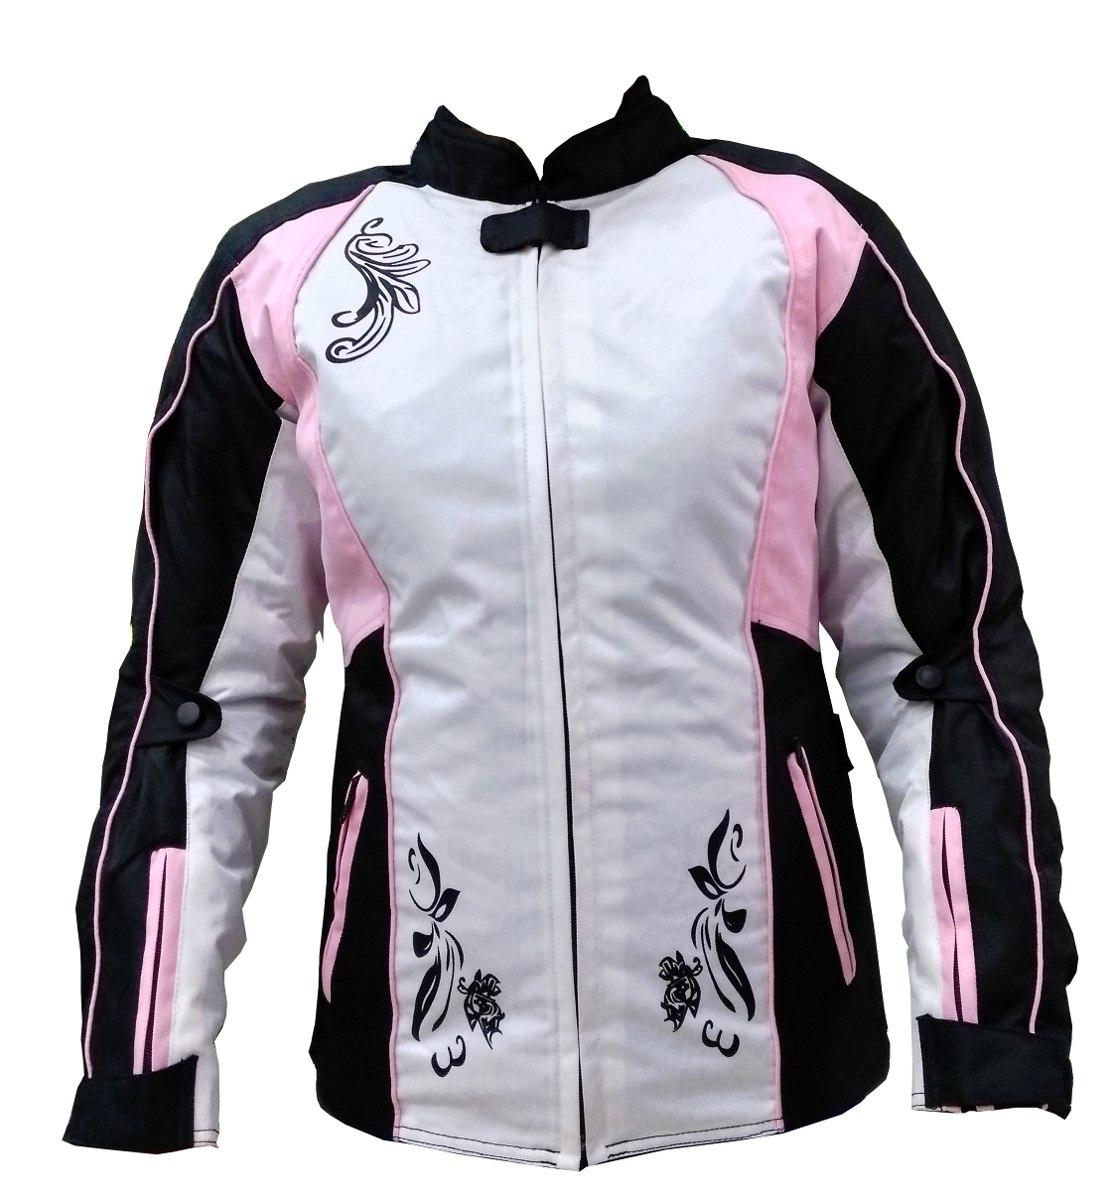 2e92d705210 chaqueta de cordura arex de dama con protecciones para moto. Cargando zoom.